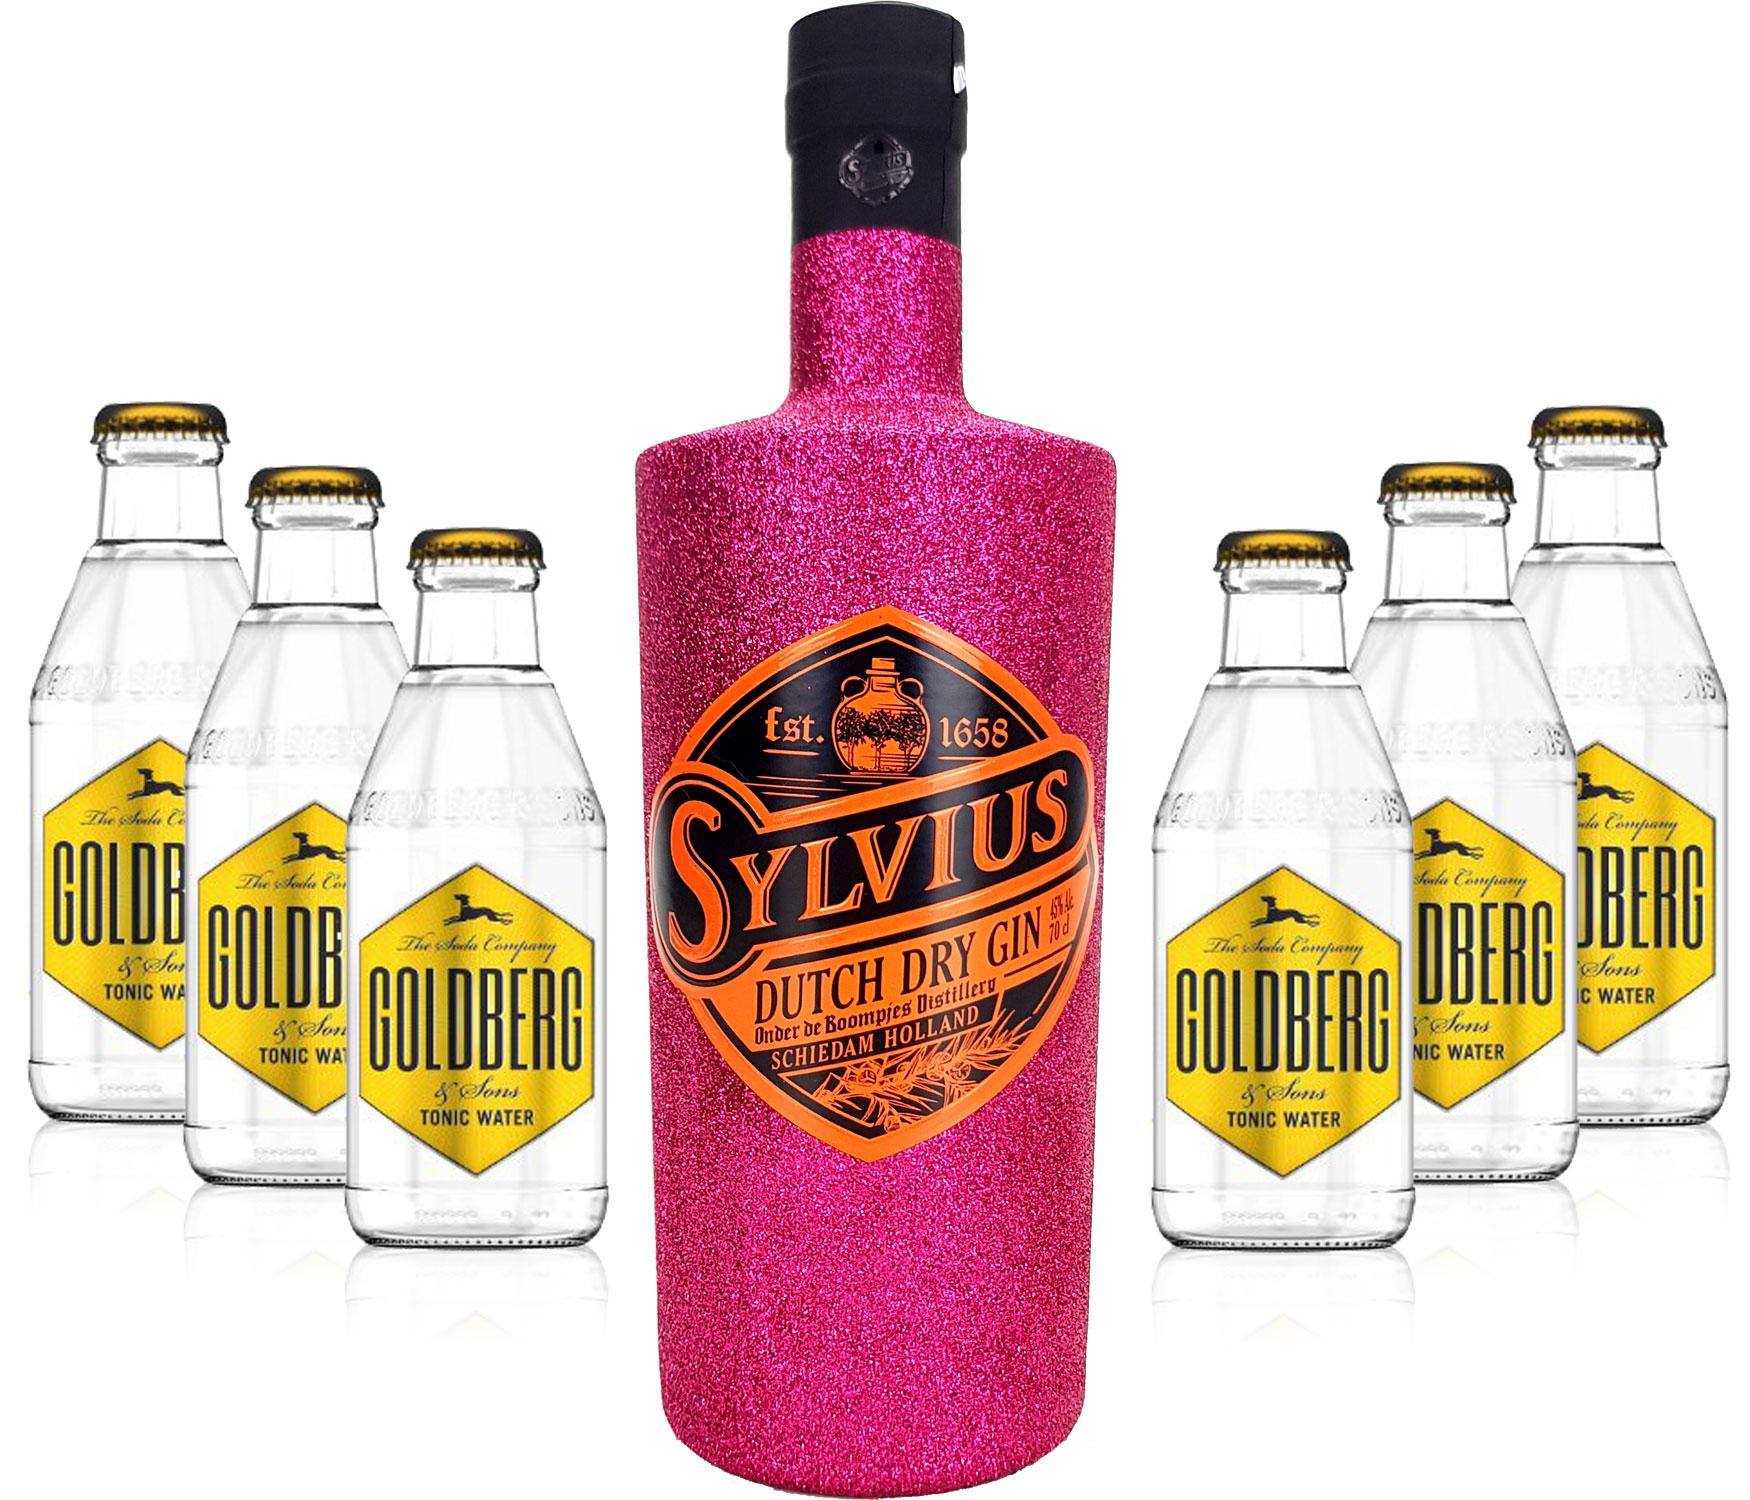 Gin Tonic Bling Bling Hot Pink Glitzer Set Geschenkset - Sylvius Dutch Gin 0,7l 700ml (45% Vol) + 6x Goldberg Tonic Water 200ml inkl. Pfand MEHRWEG -[Enthält Sulfite]